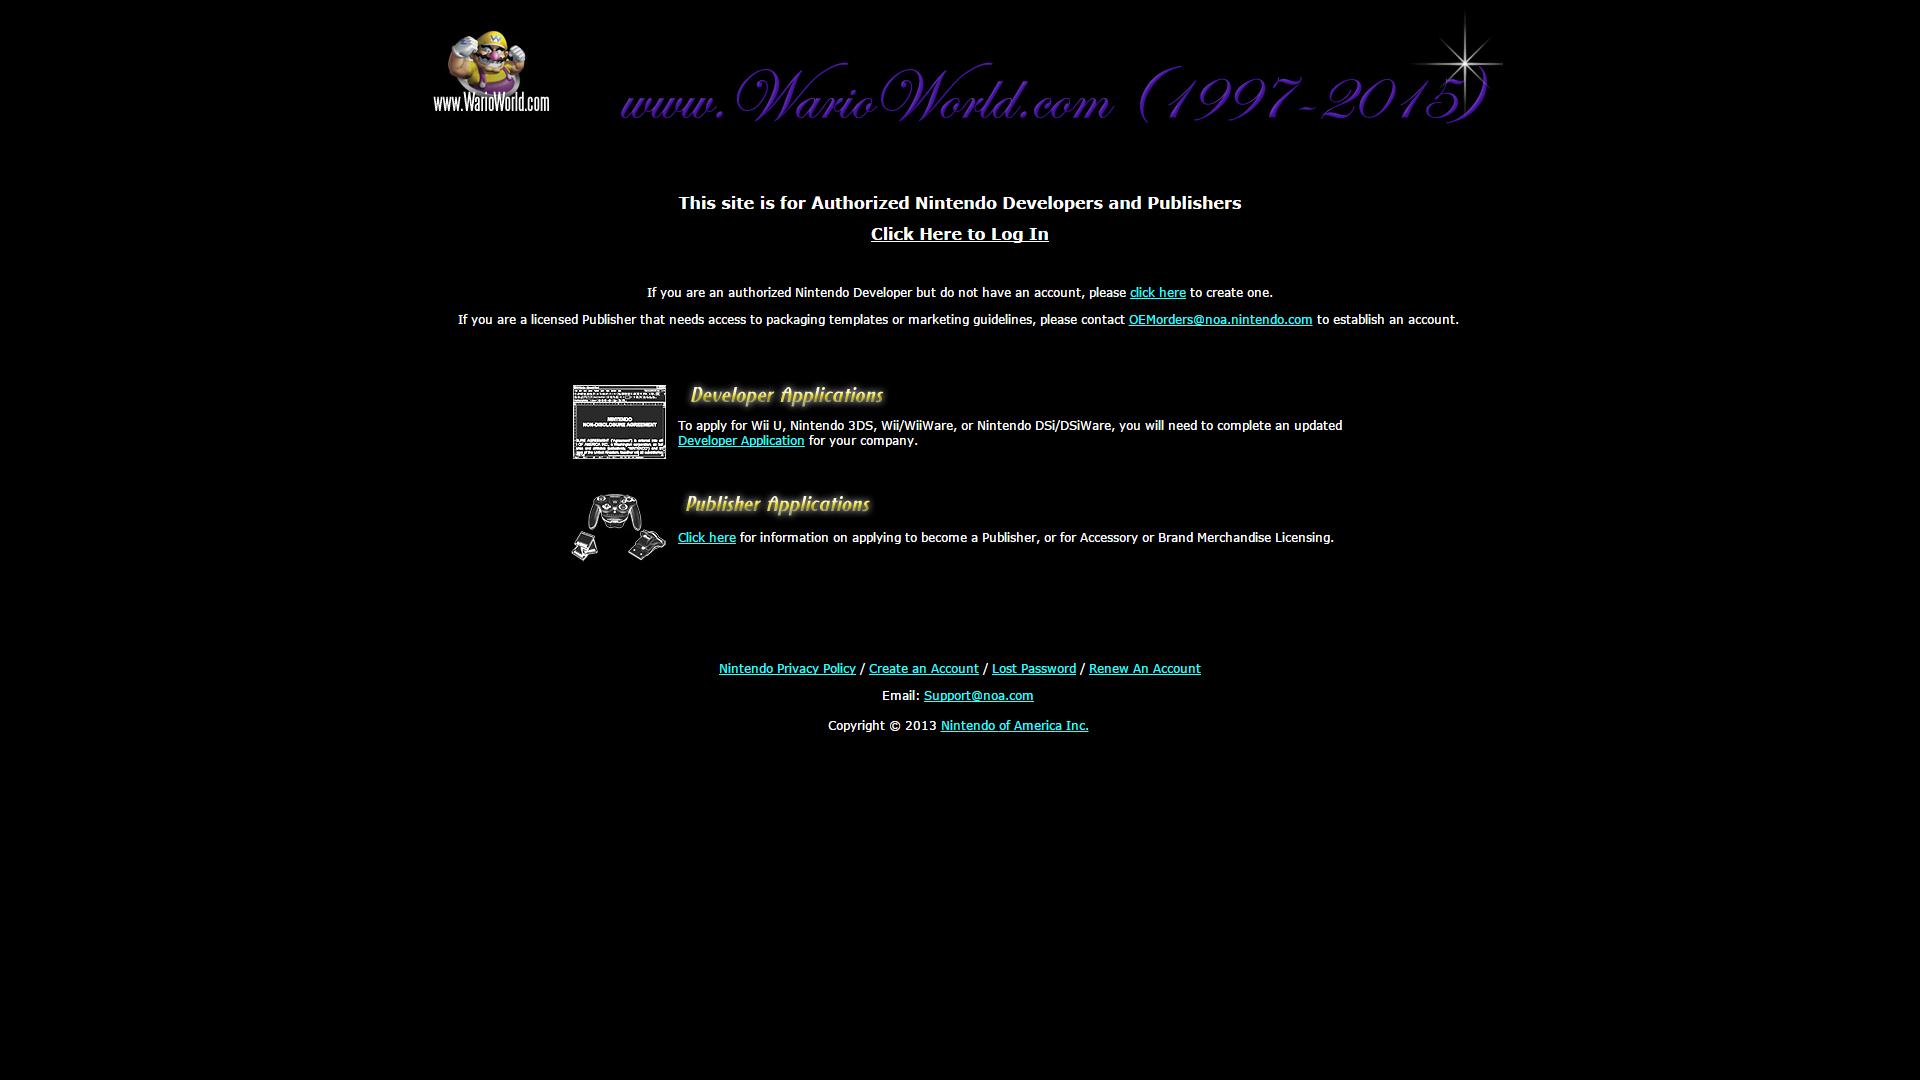 Warioworld Now Taken Offline